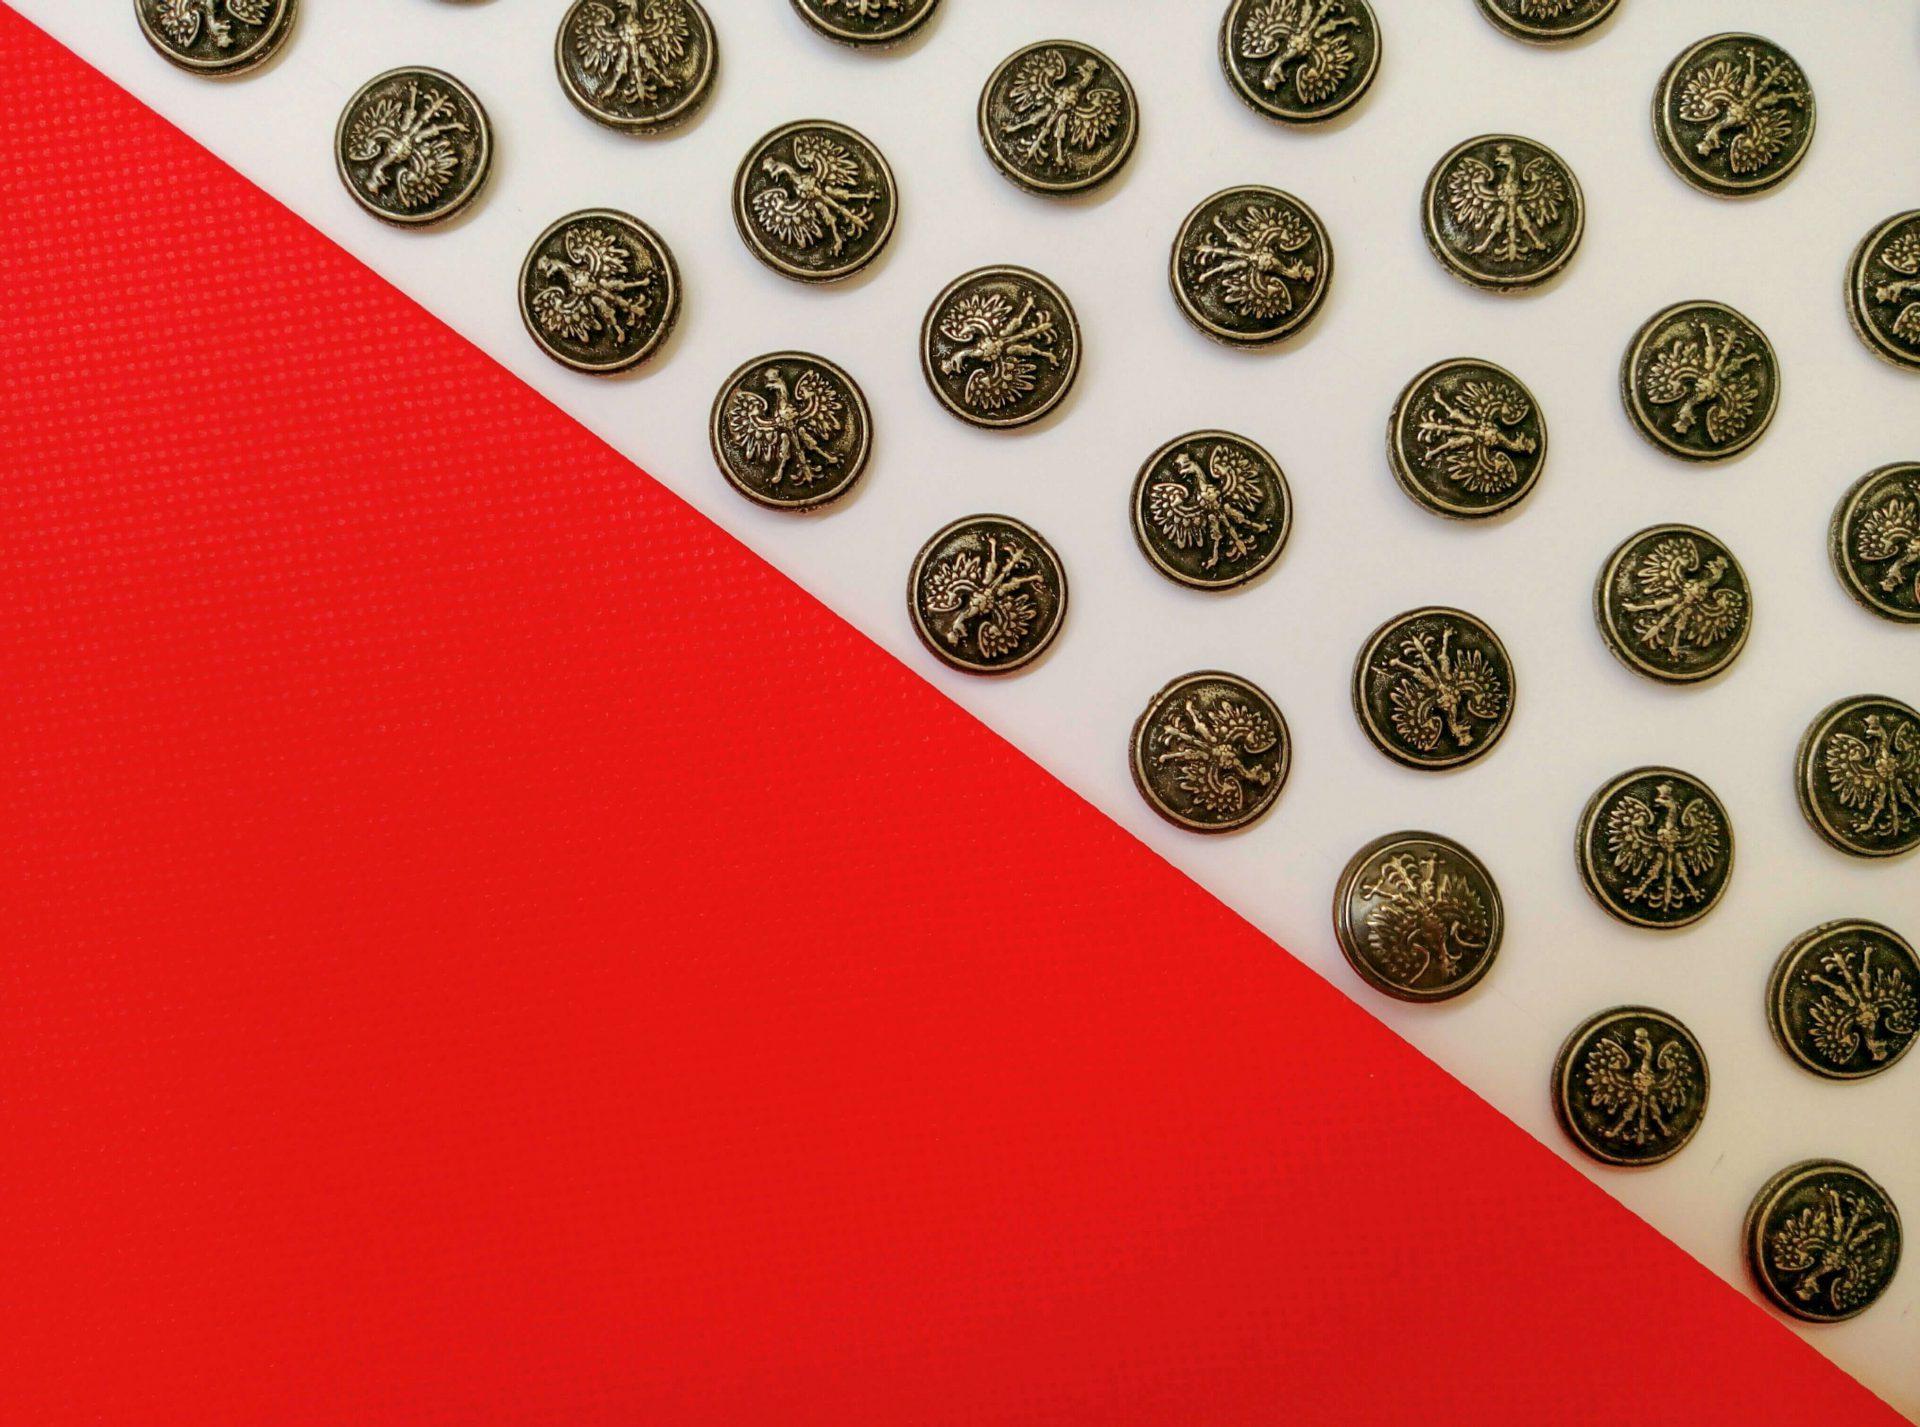 Zdjęcie przedstawia guziki katyńskie na tle biało czerwonej flagi. Fot. Agata Dziemian